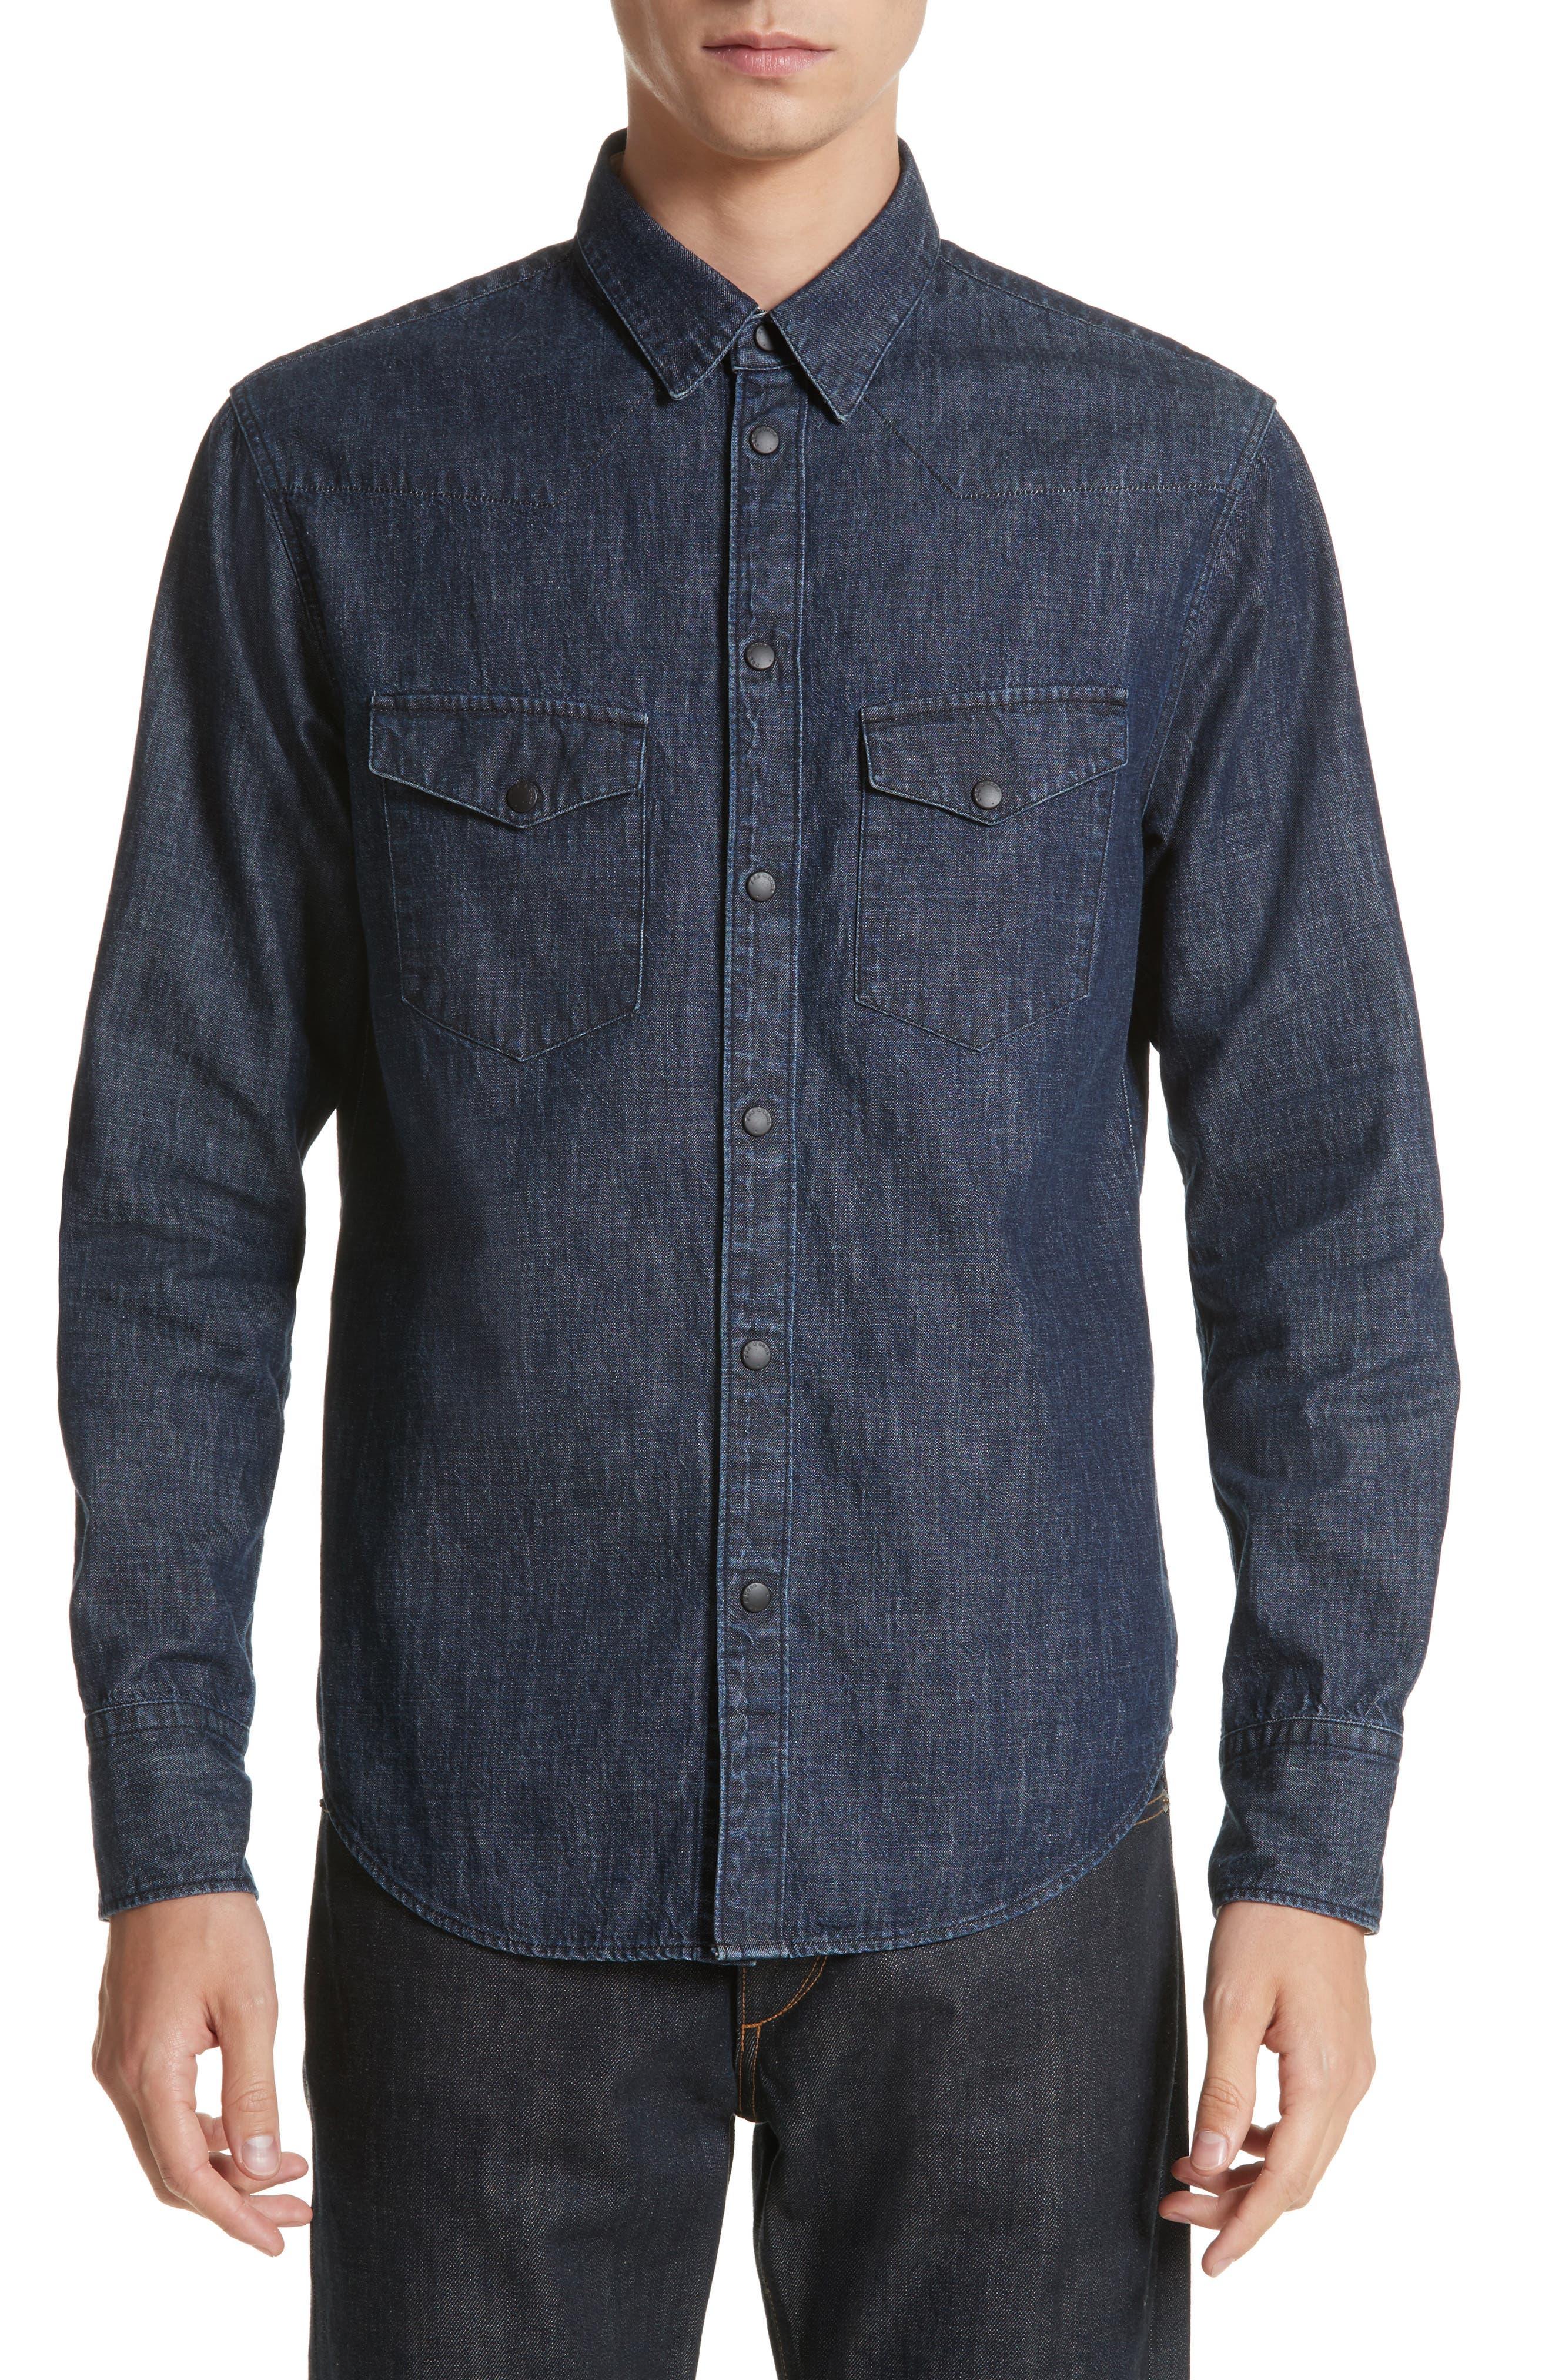 Alternate Image 1 Selected - rag & bone Beck Denim Shirt